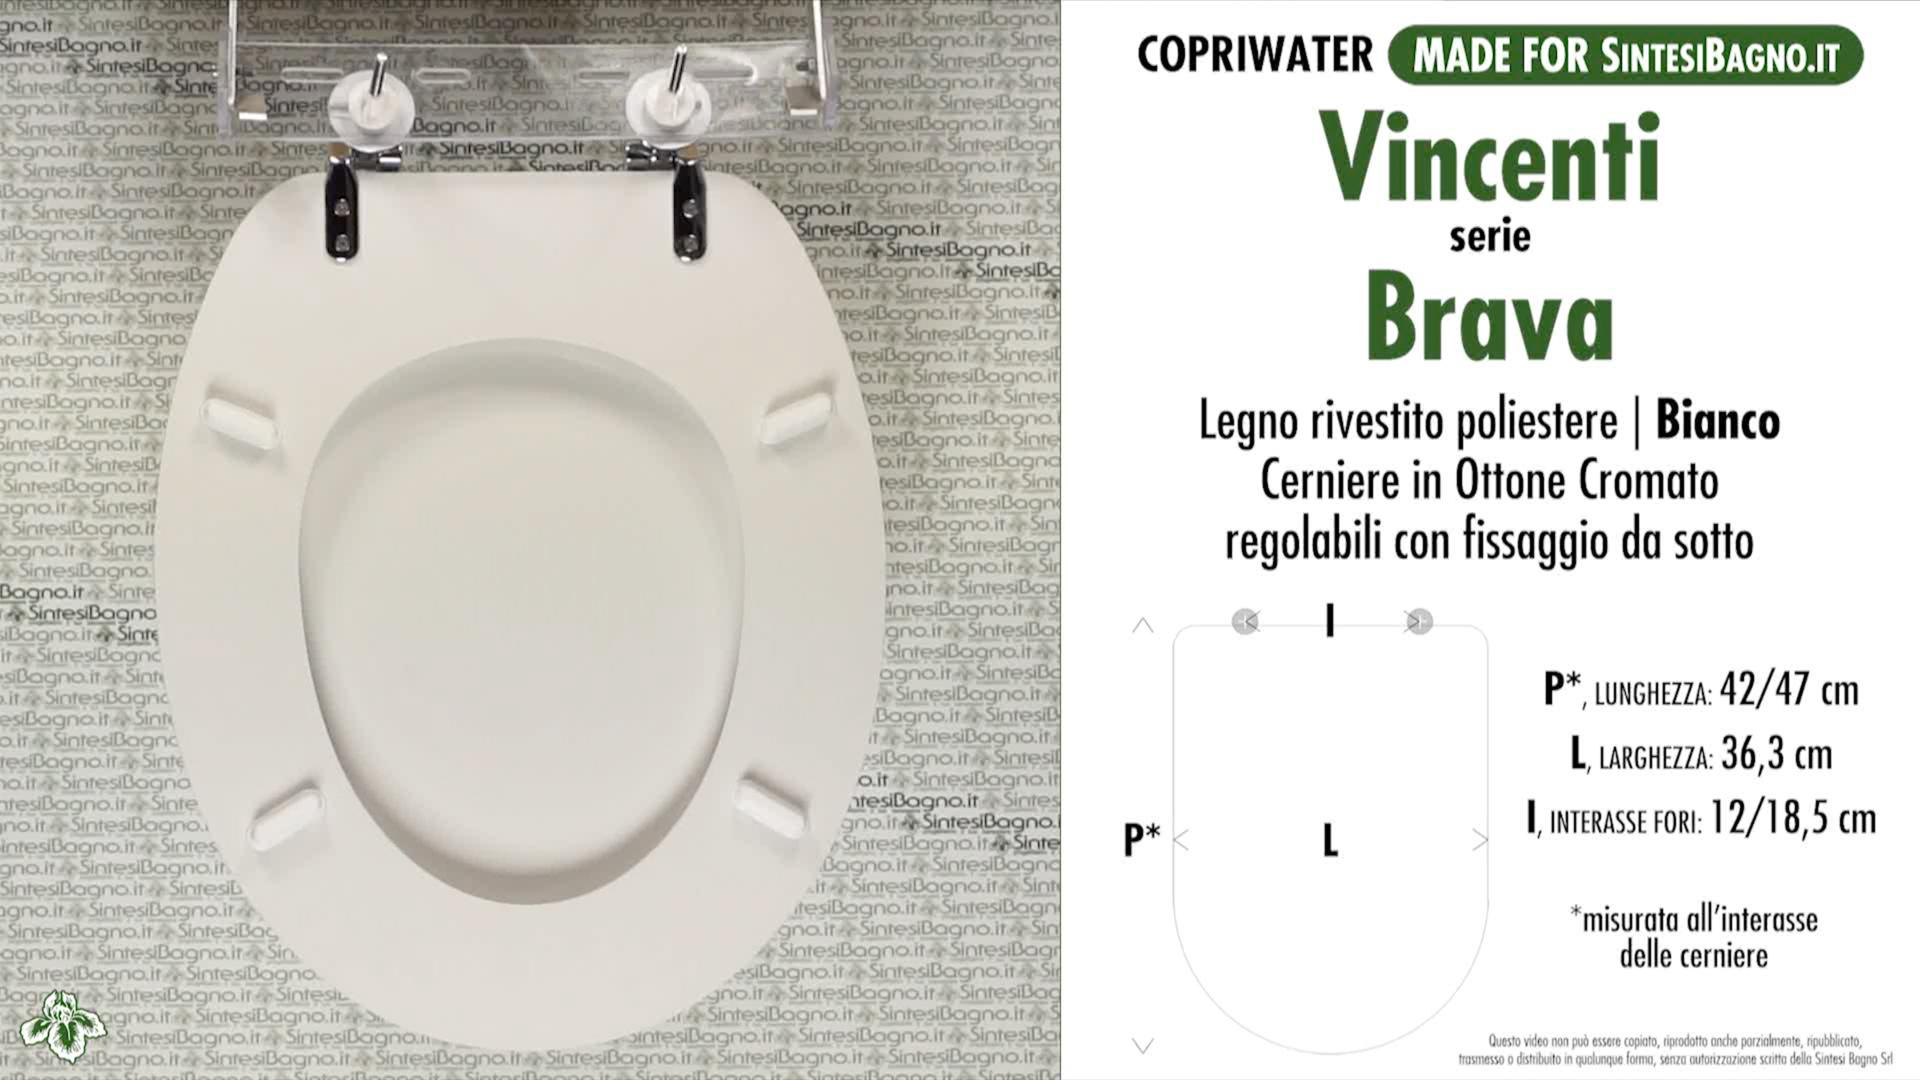 SCHEDA TECNICA MISURE copriwater VINCENTI BRAVA